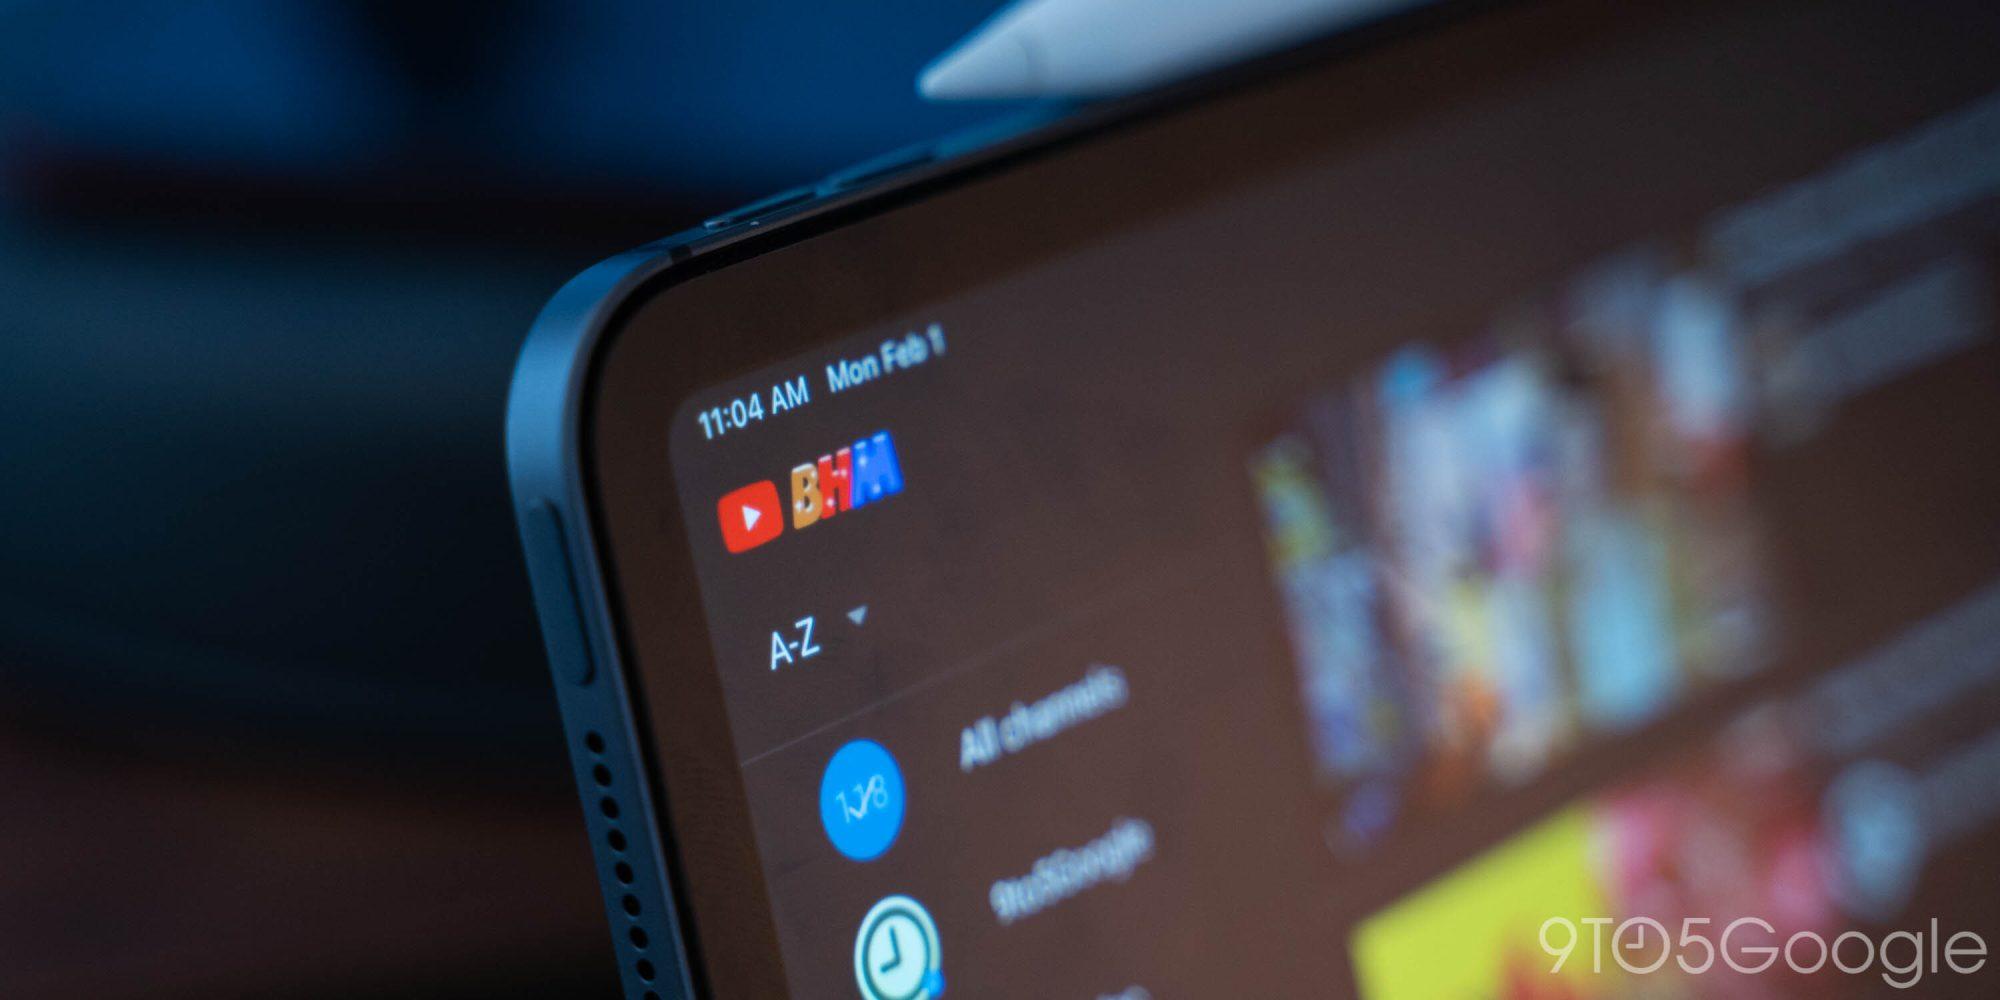 youtube-bhm-logo.jpg?w=2000&quality=82&s